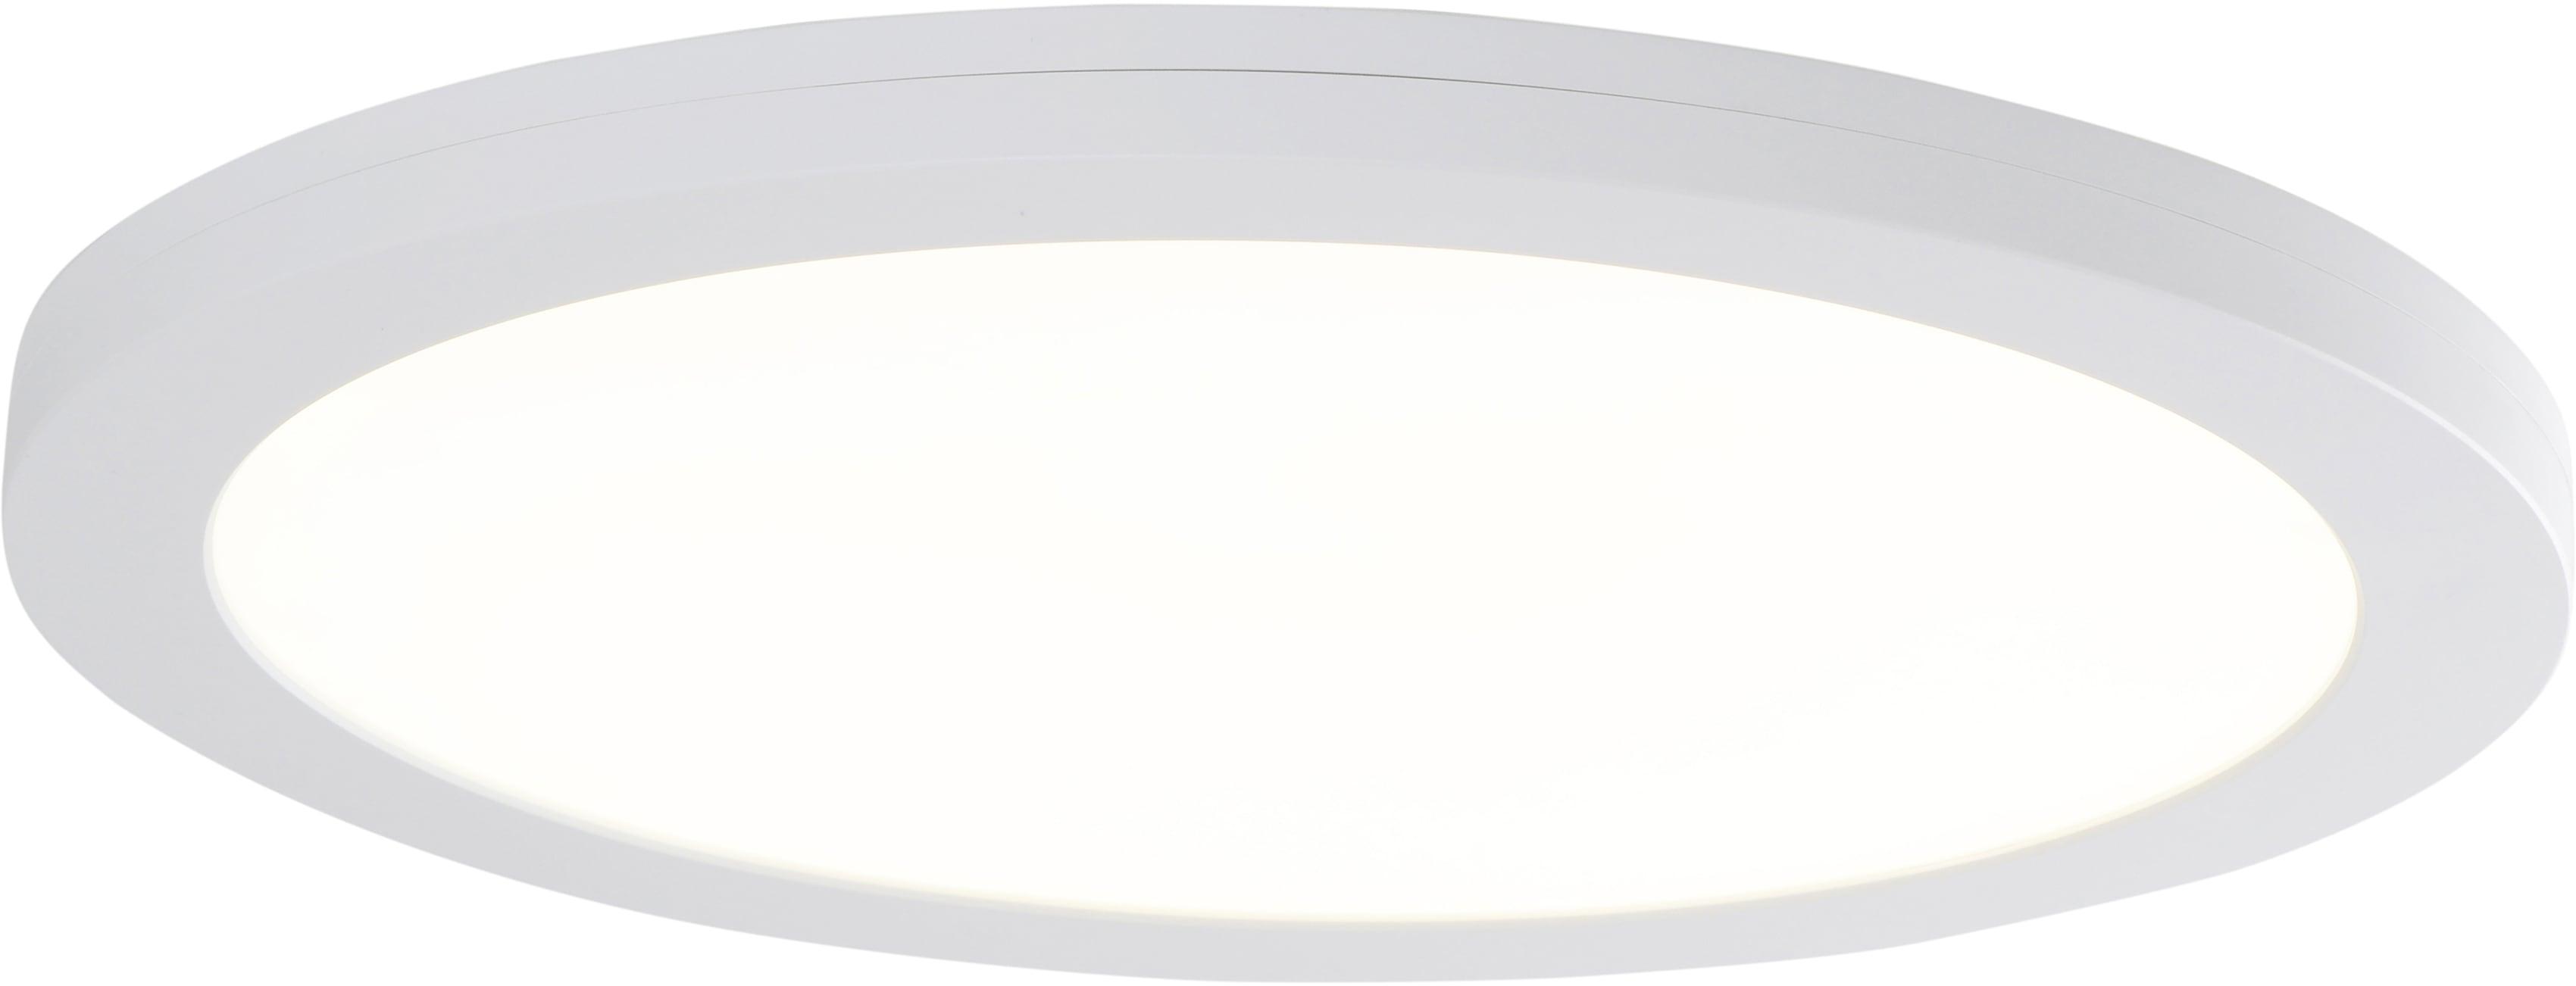 näve LED Deckenleuchte, Warmweiß-Kaltweiß-Neutralweiß, LED Deckenlampe